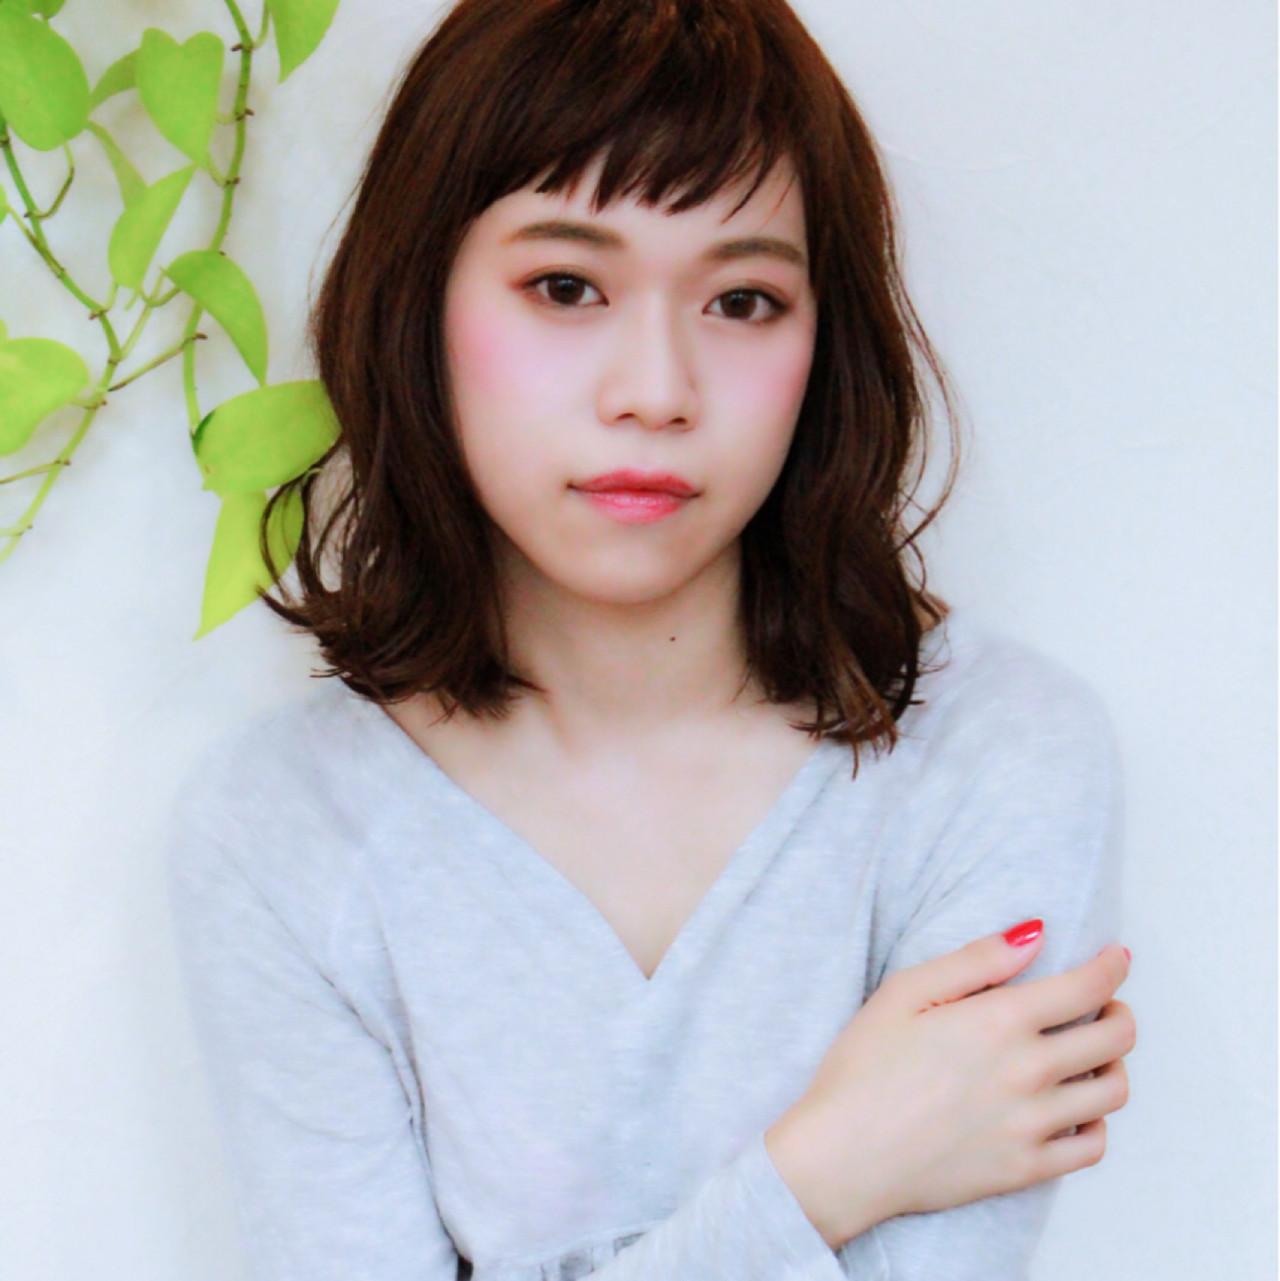 ボブ ゆるふわ ミディアム 大人かわいい ヘアスタイルや髪型の写真・画像 | Mayumi Masumitsu / Arrange